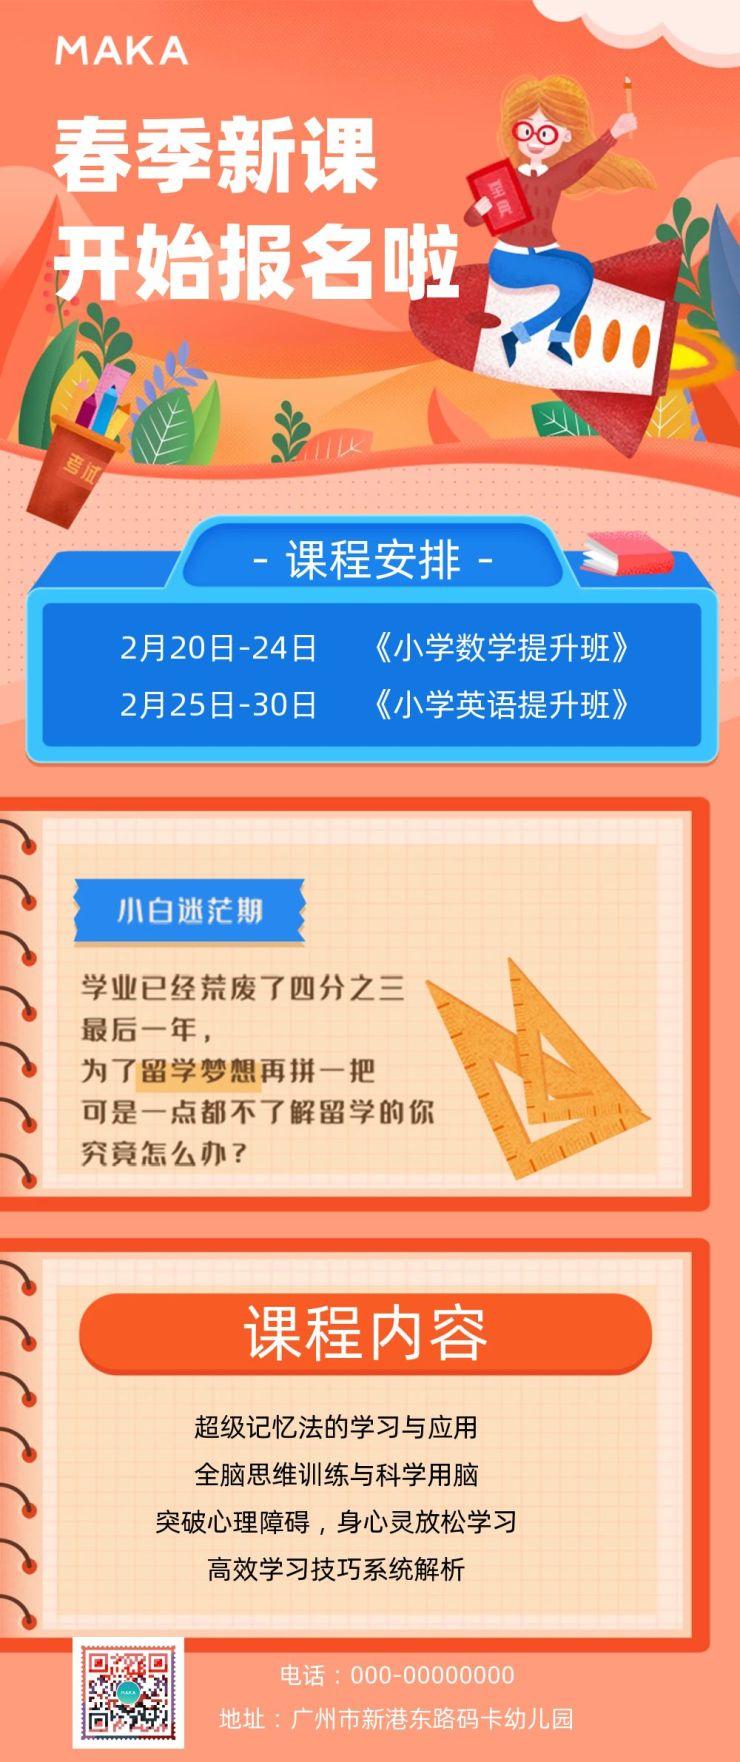 橙色色卡通春季招生幼儿园中小学辅导文章长图